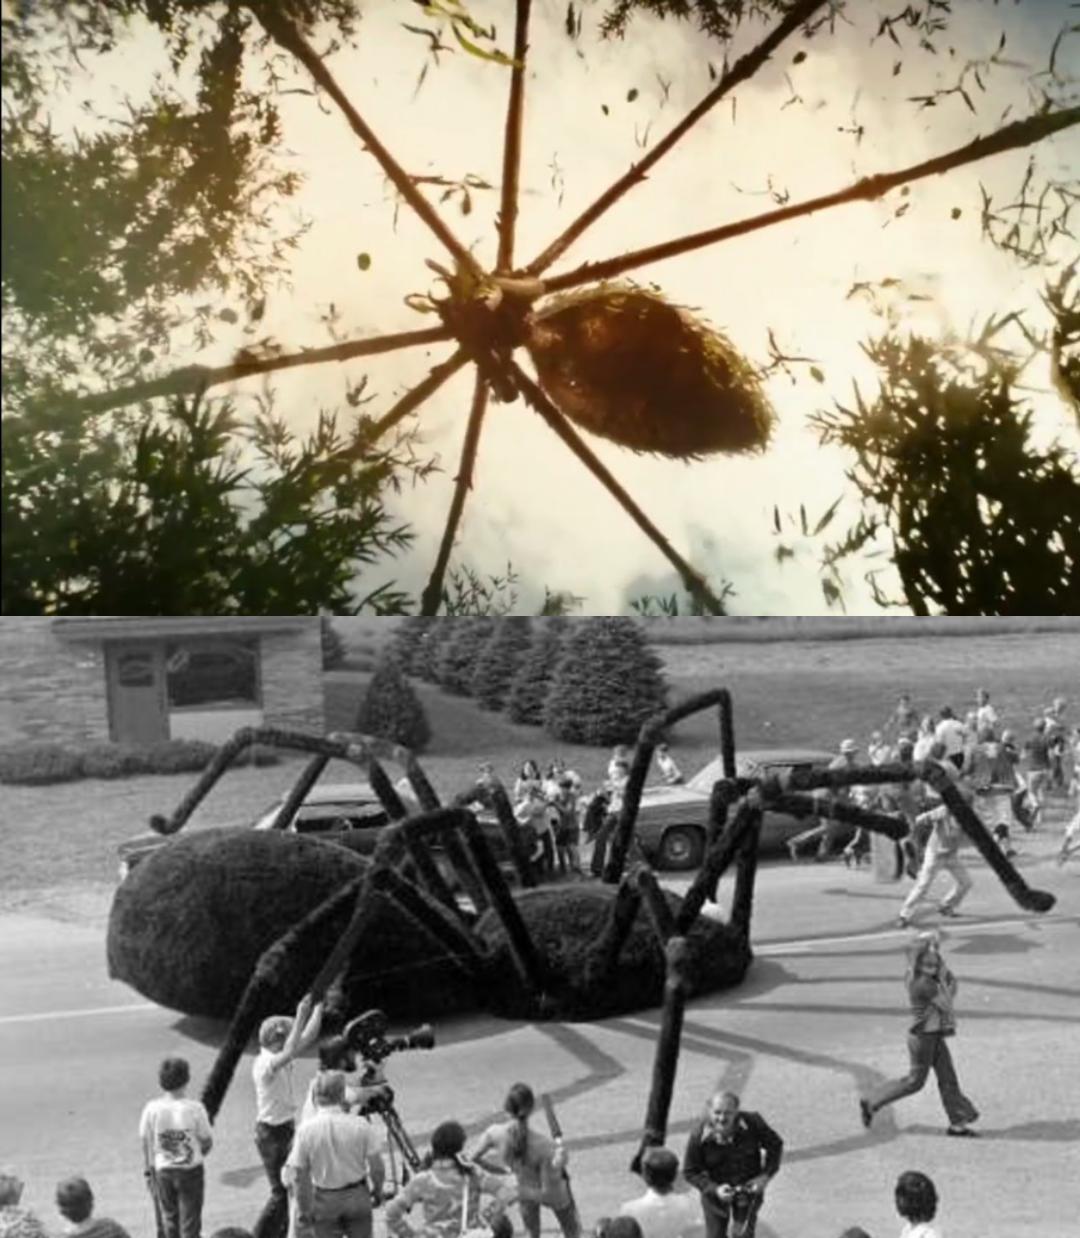 Mother Longleg vs Gignt Spider